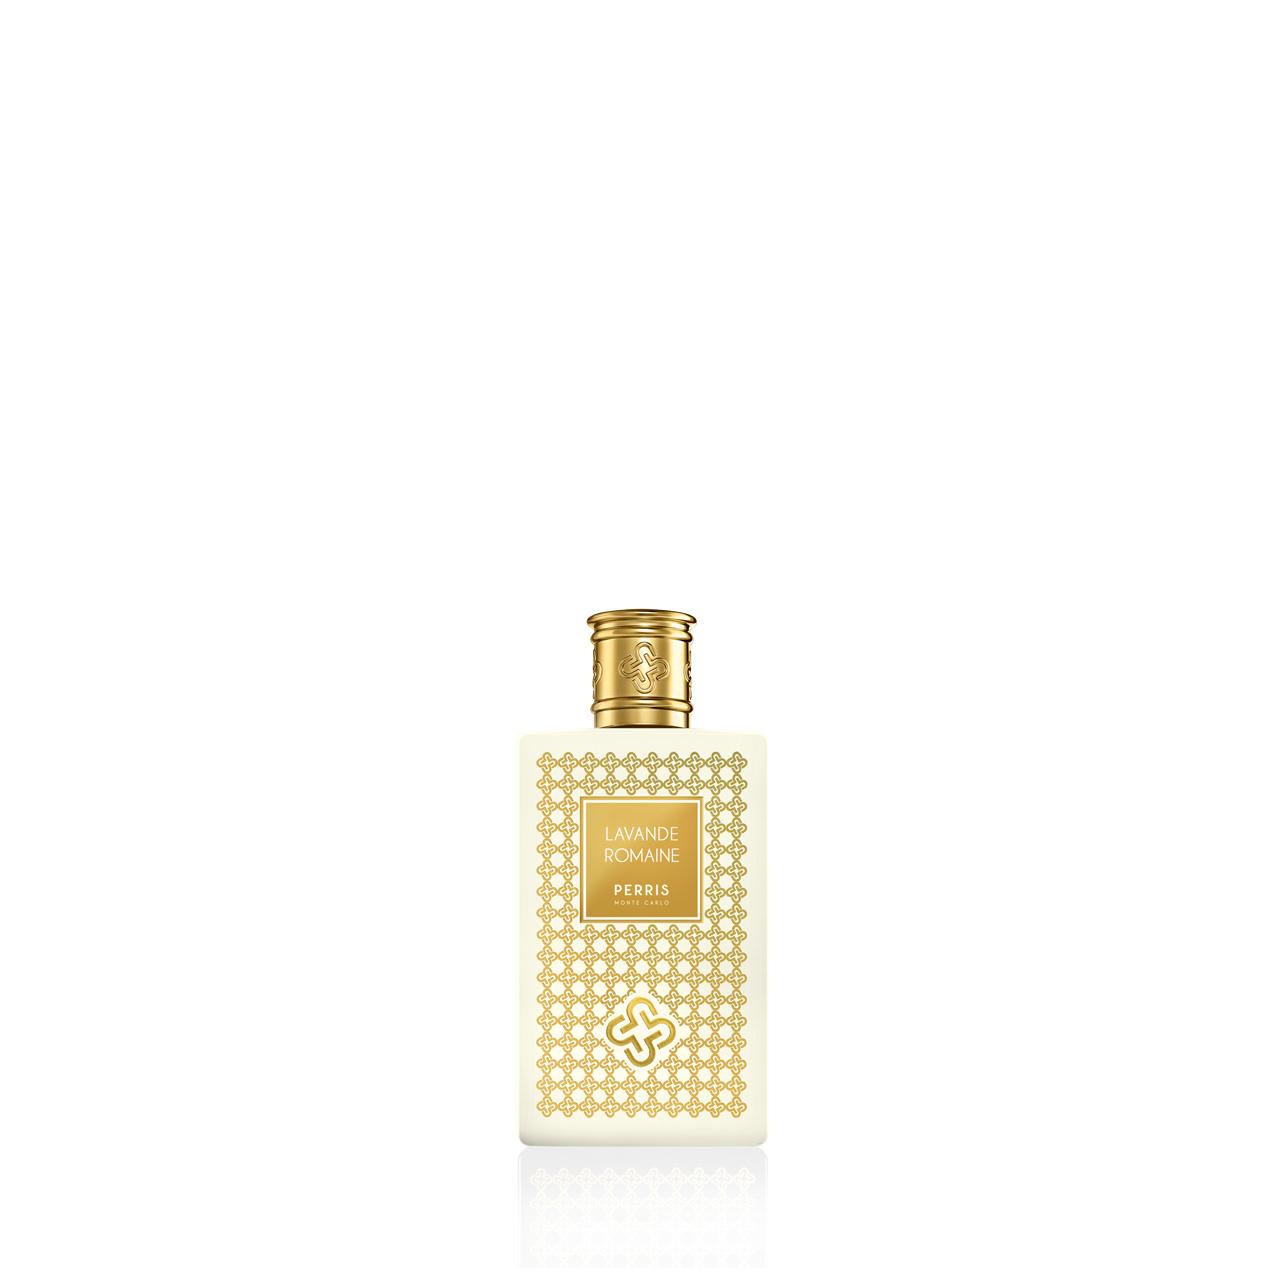 Lavande Romaine - Eau de Parfum